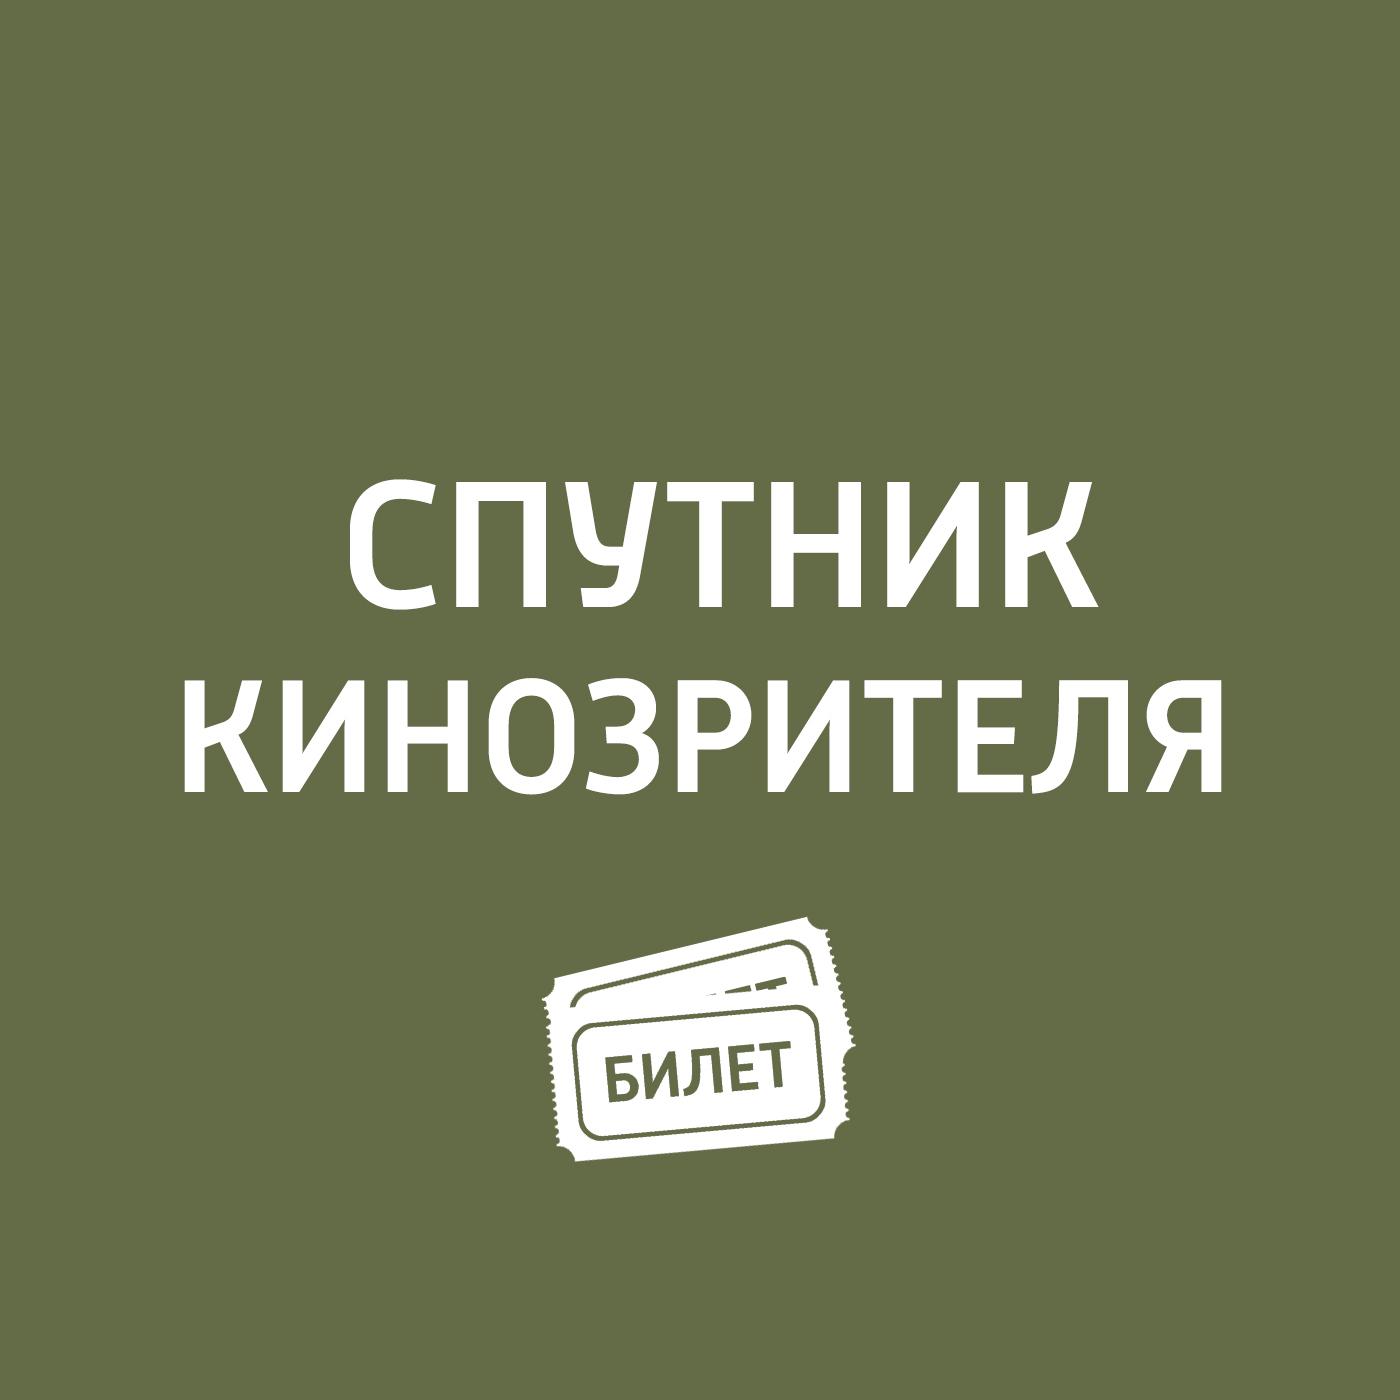 Антон Долин Памяти Николая Караченцова антон долин памяти милоша формана